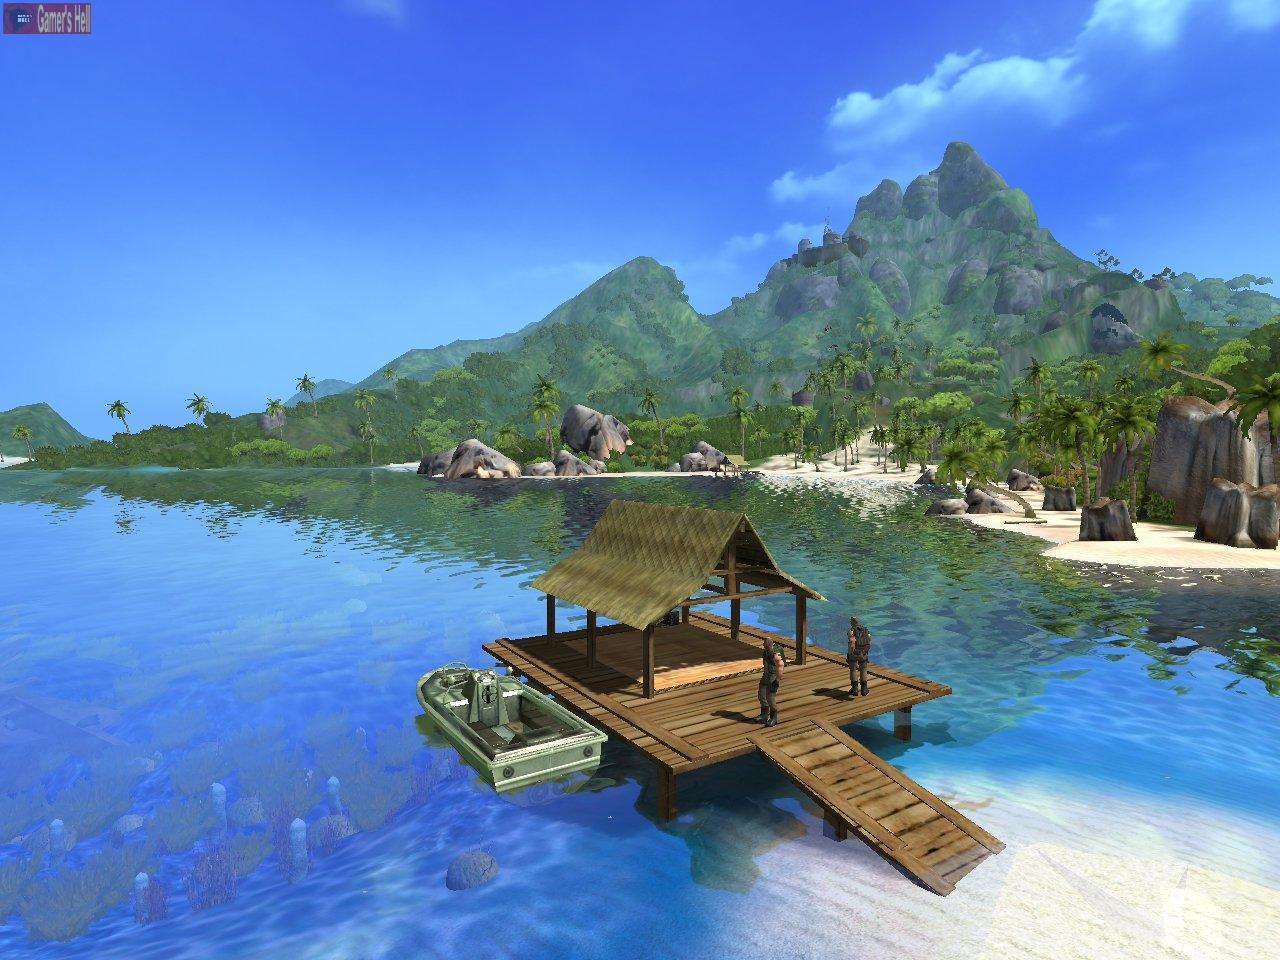 Игра-движок DooM 3 и игра-концепция Far Cry